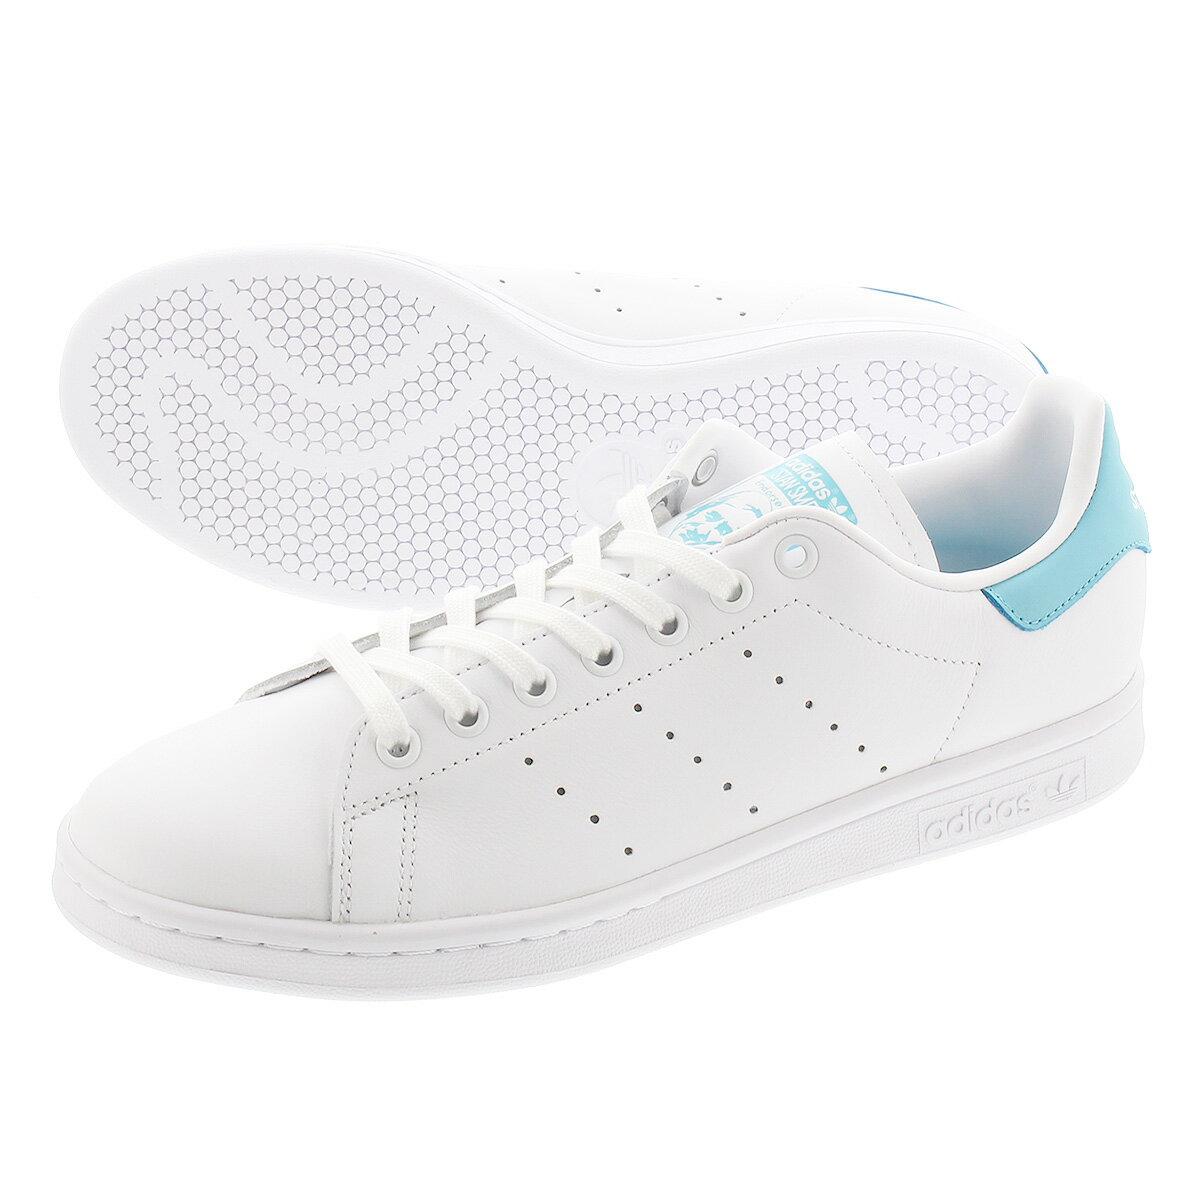 メンズ靴, スニーカー adidas STAN SMITH FTWR WHITEFTWR WHITEBLUE GLOW ef4480